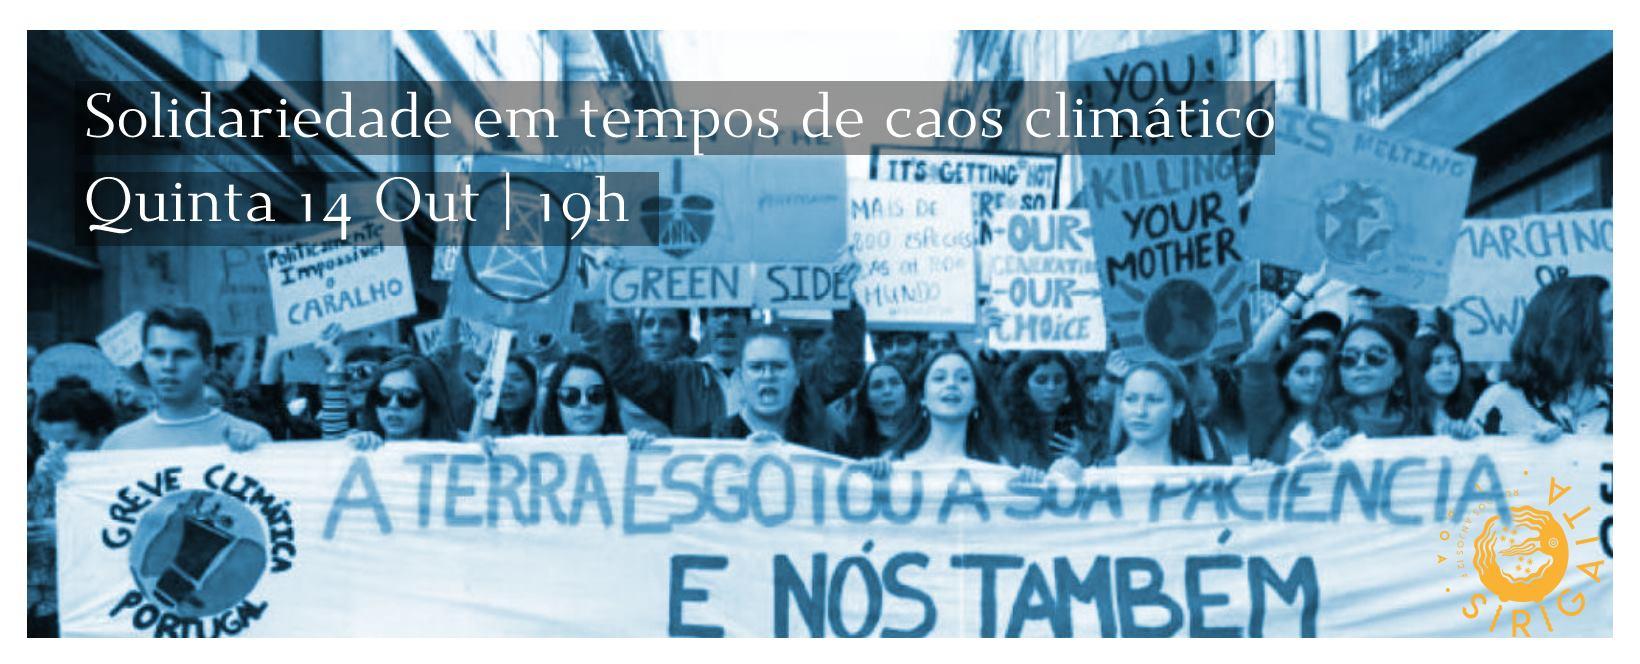 Solidariedade em tempos de caos climático | Fórum aberto